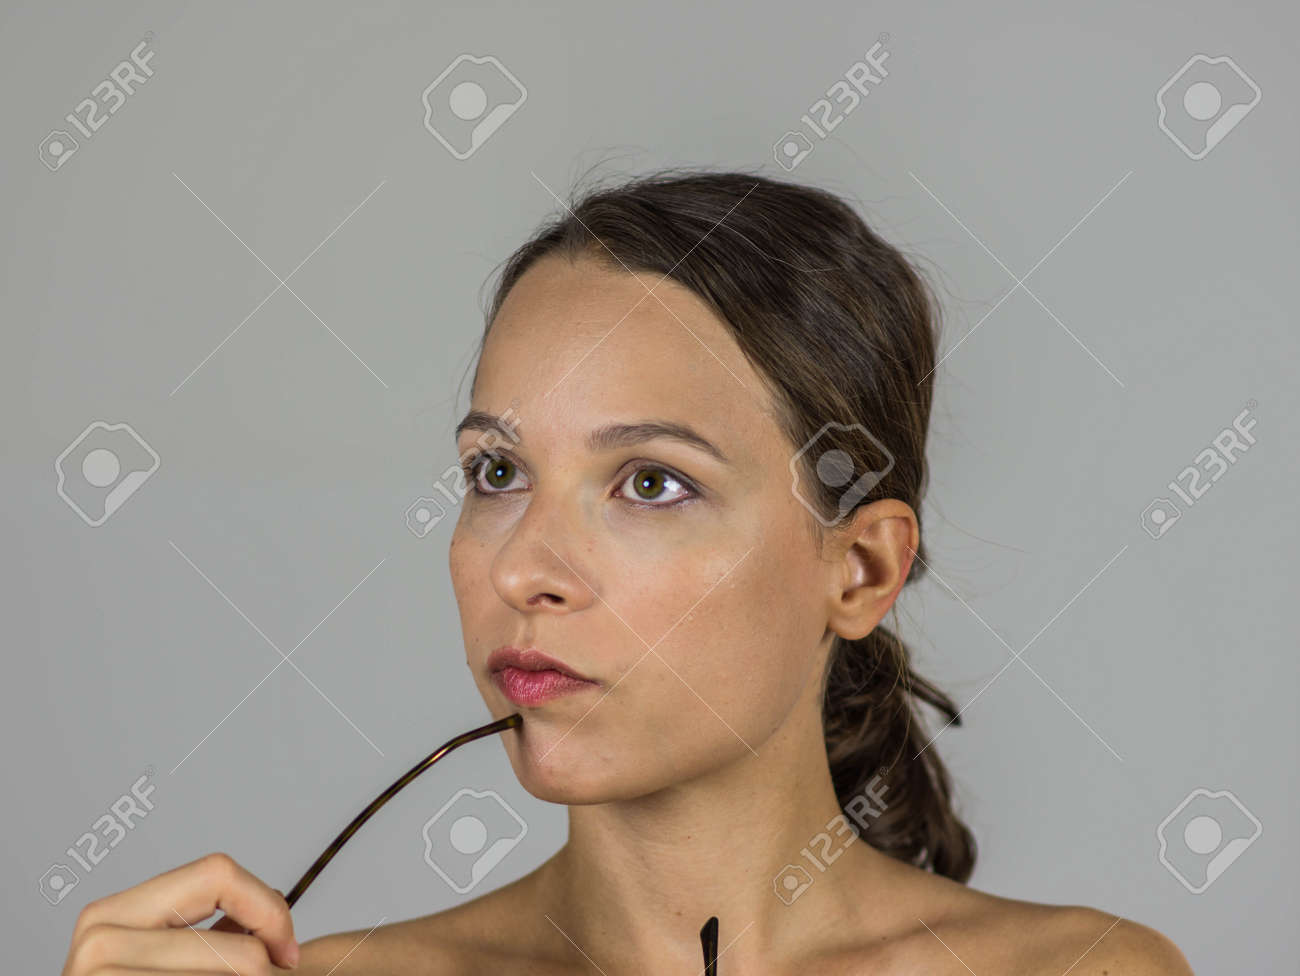 Schöne Intellektuelle Mädchen Mit Brille Lizenzfreie Fotos, Bilder ...